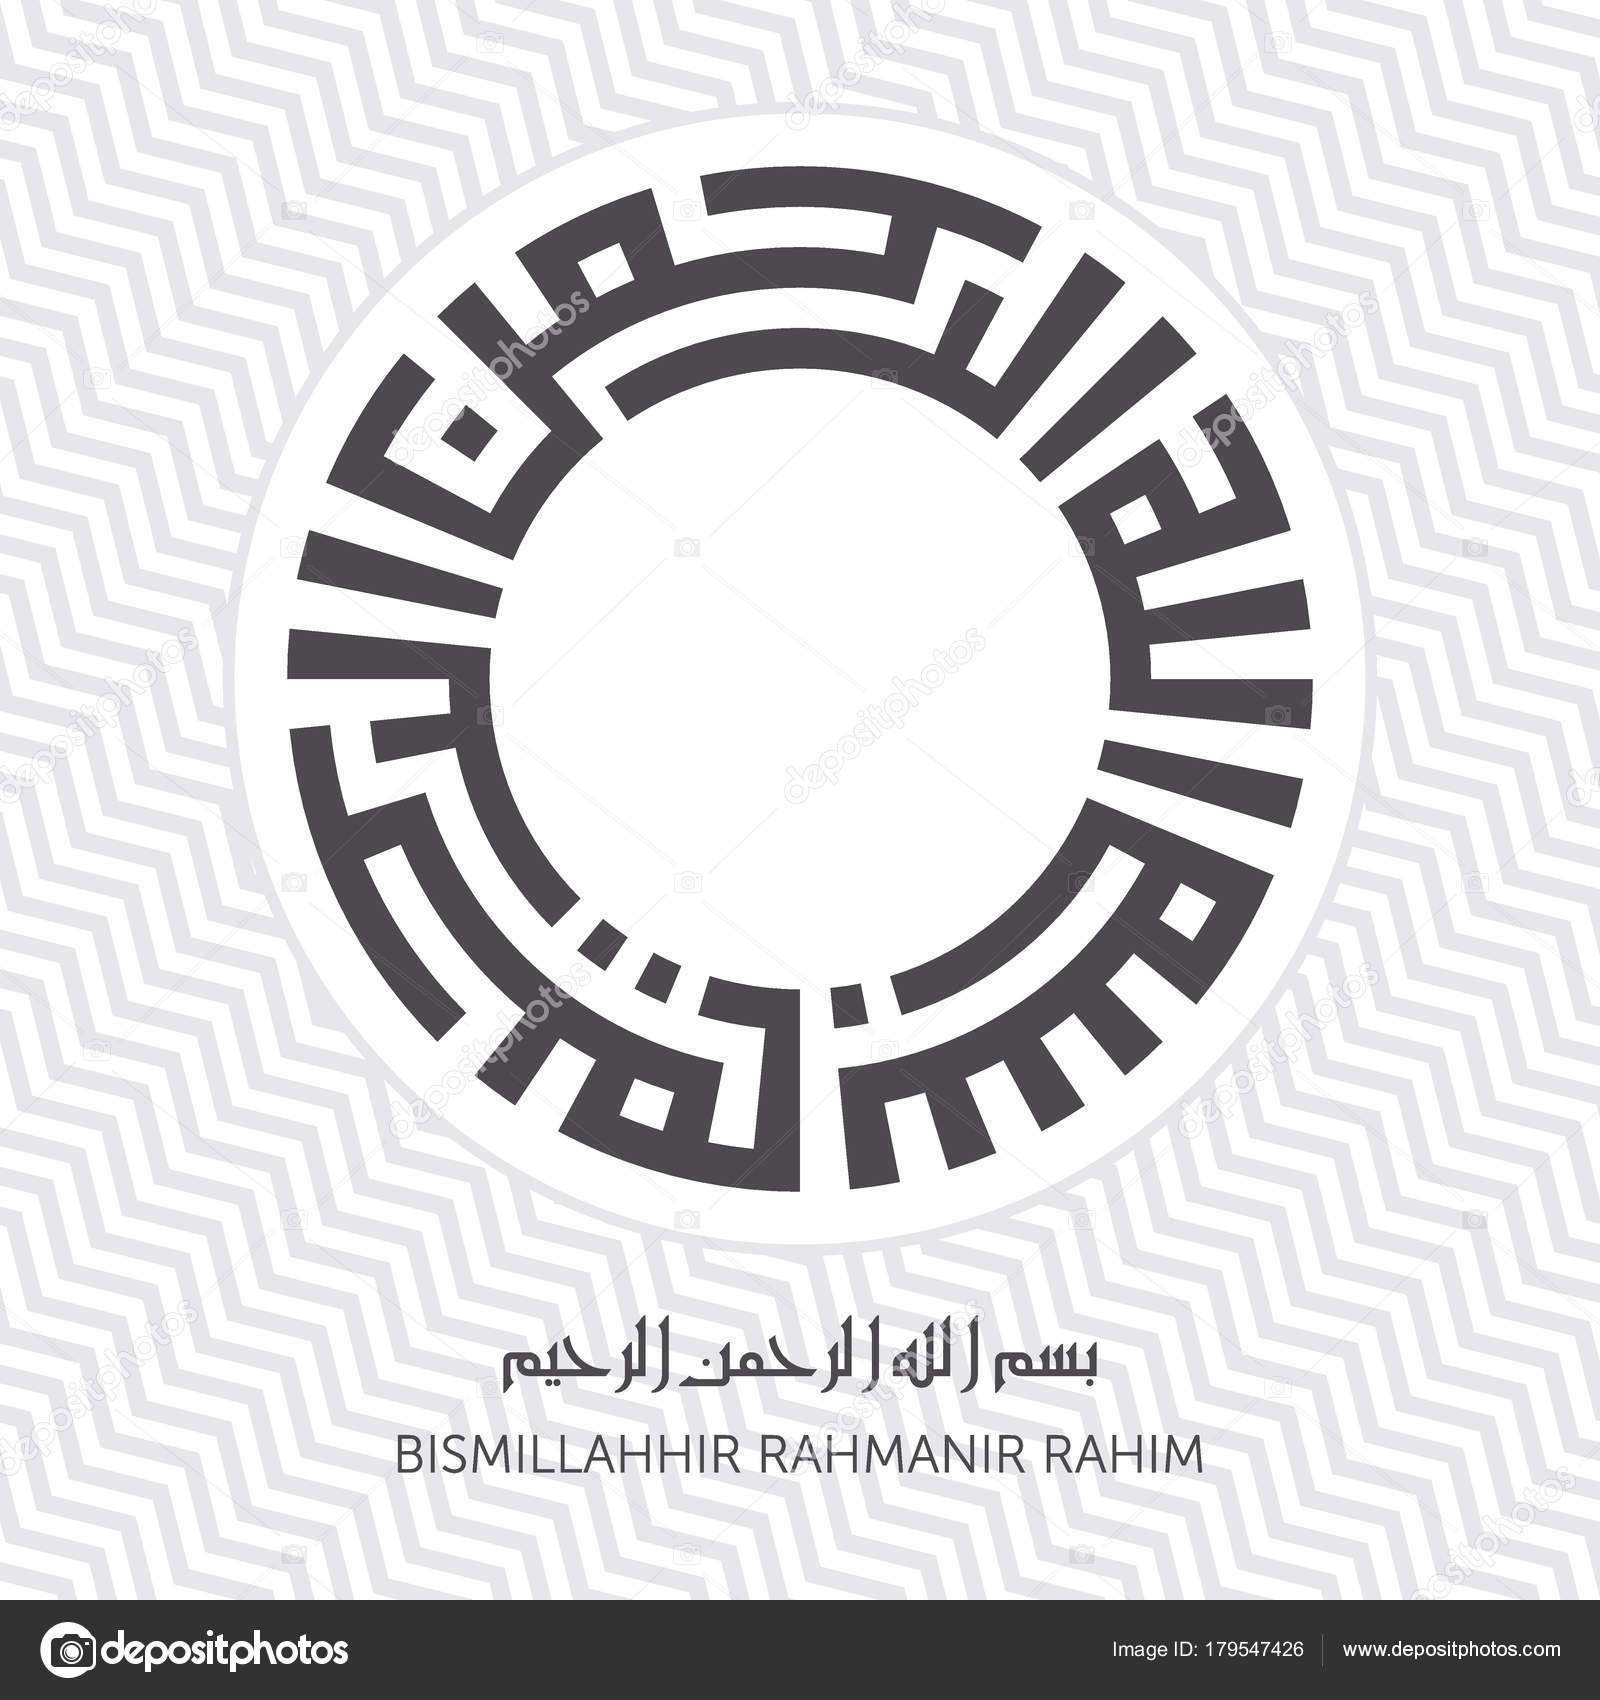 Bismillah in circle | Bismillah Name Allah Circle Kufic